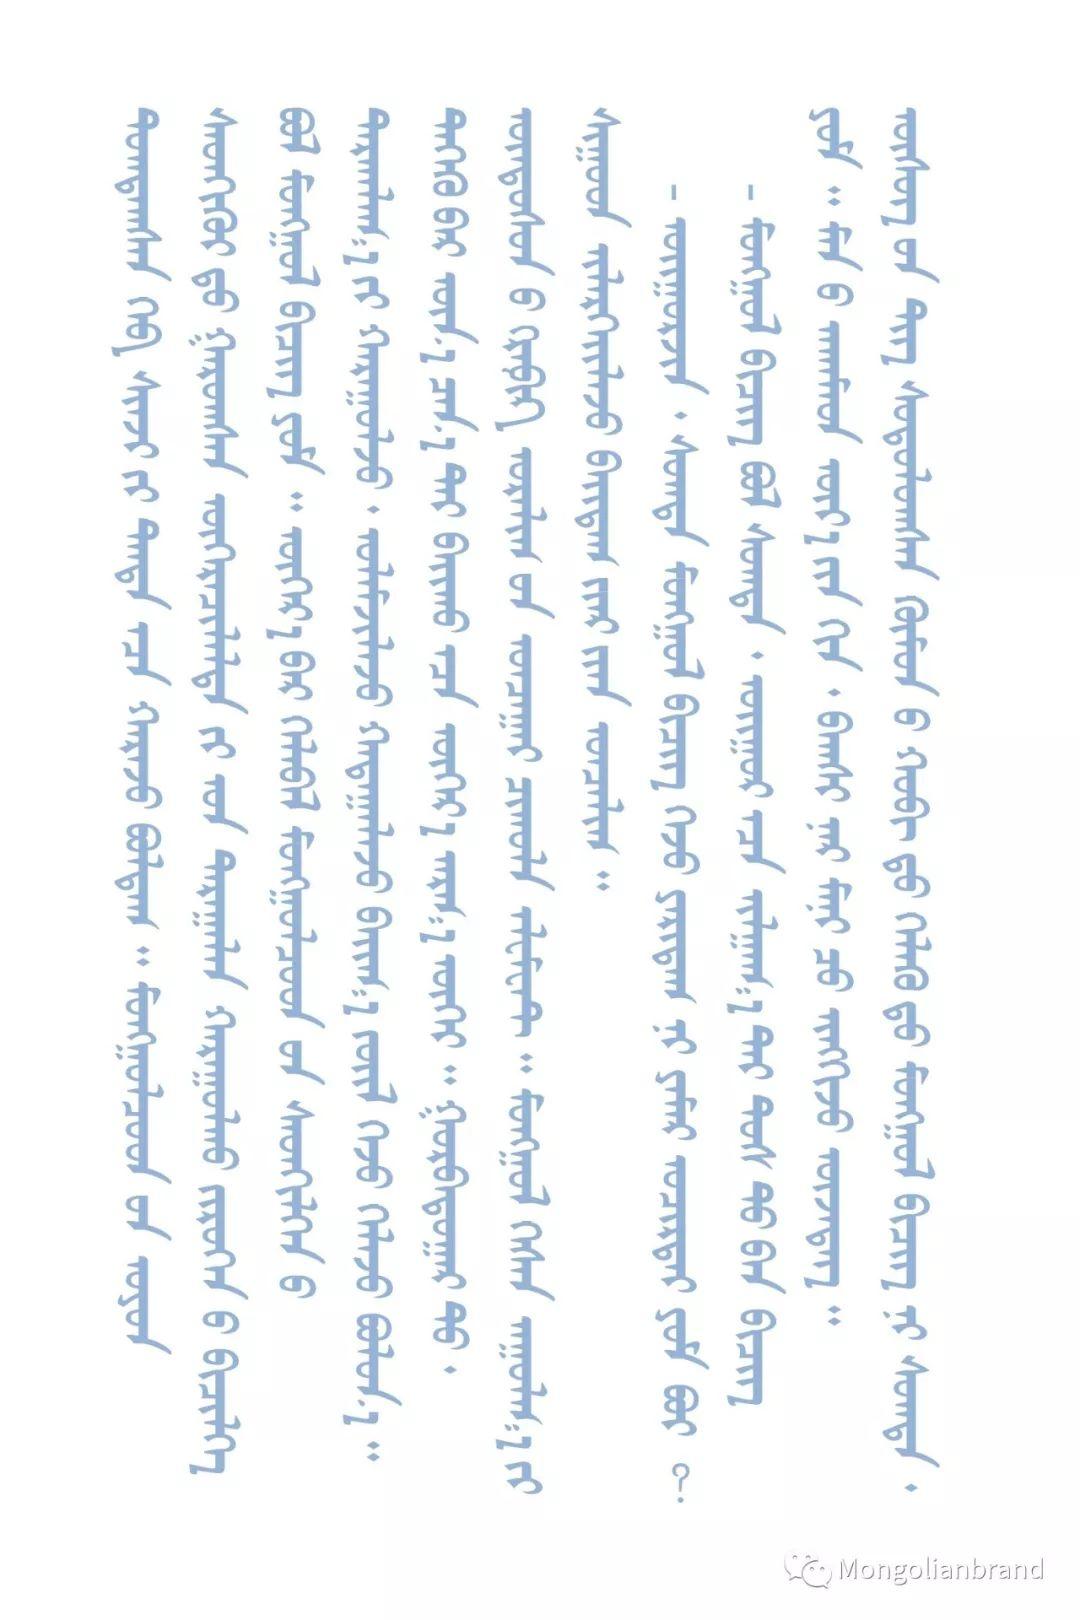 蒙古字体设计专家Jamiyansuren:让每个蒙古人掌握传统蒙古文是我们的终极目标 第20张 蒙古字体设计专家Jamiyansuren:让每个蒙古人掌握传统蒙古文是我们的终极目标 蒙古文化